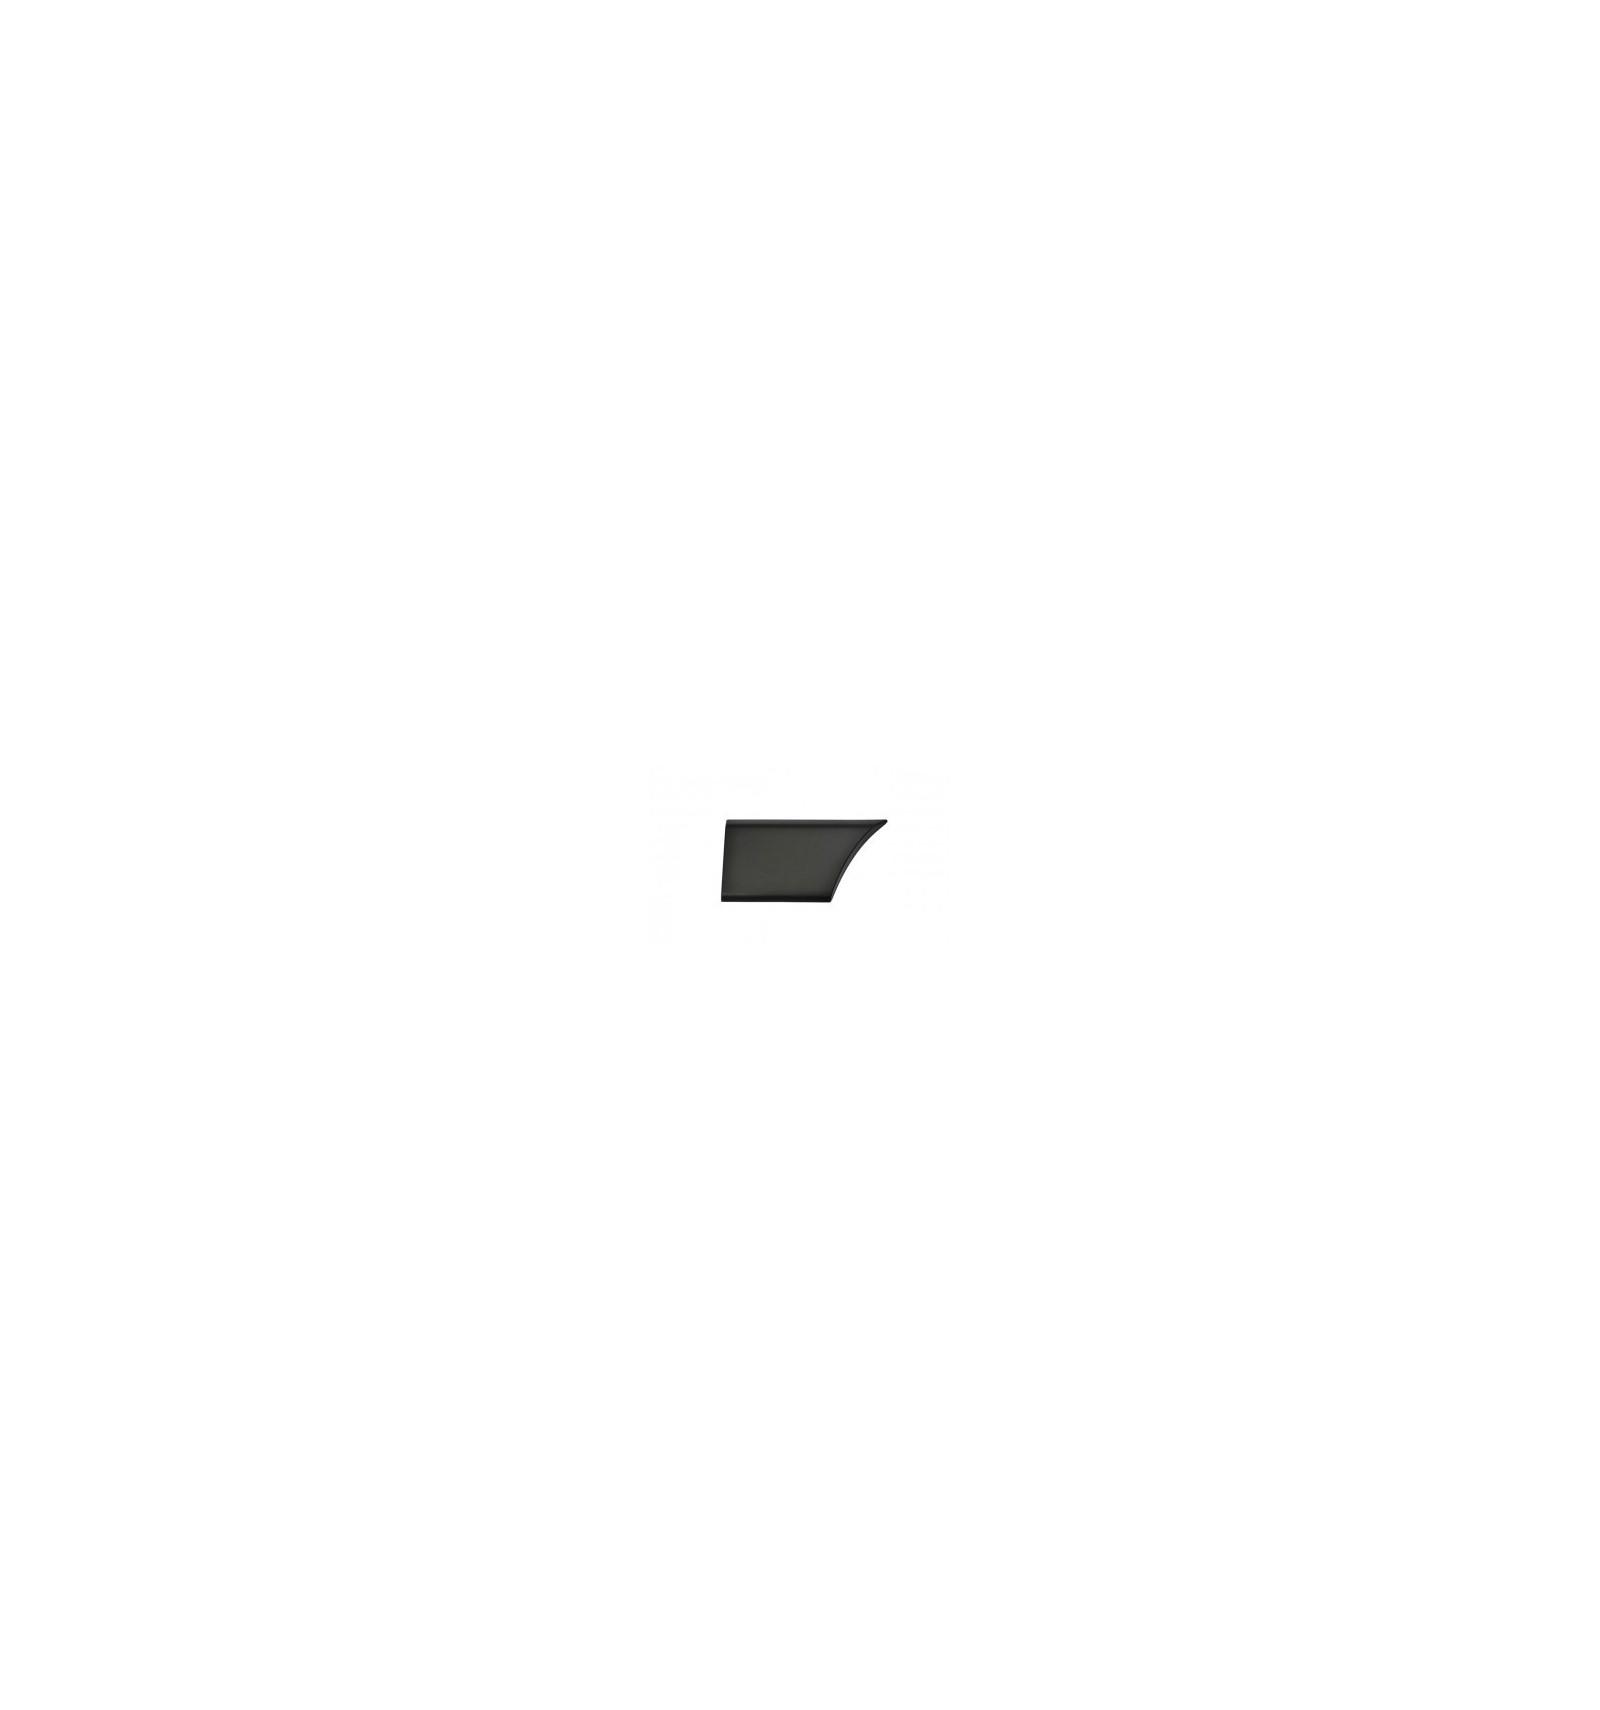 baguette protection moulure de porte arriere droite coffre nissan opel renault. Black Bedroom Furniture Sets. Home Design Ideas